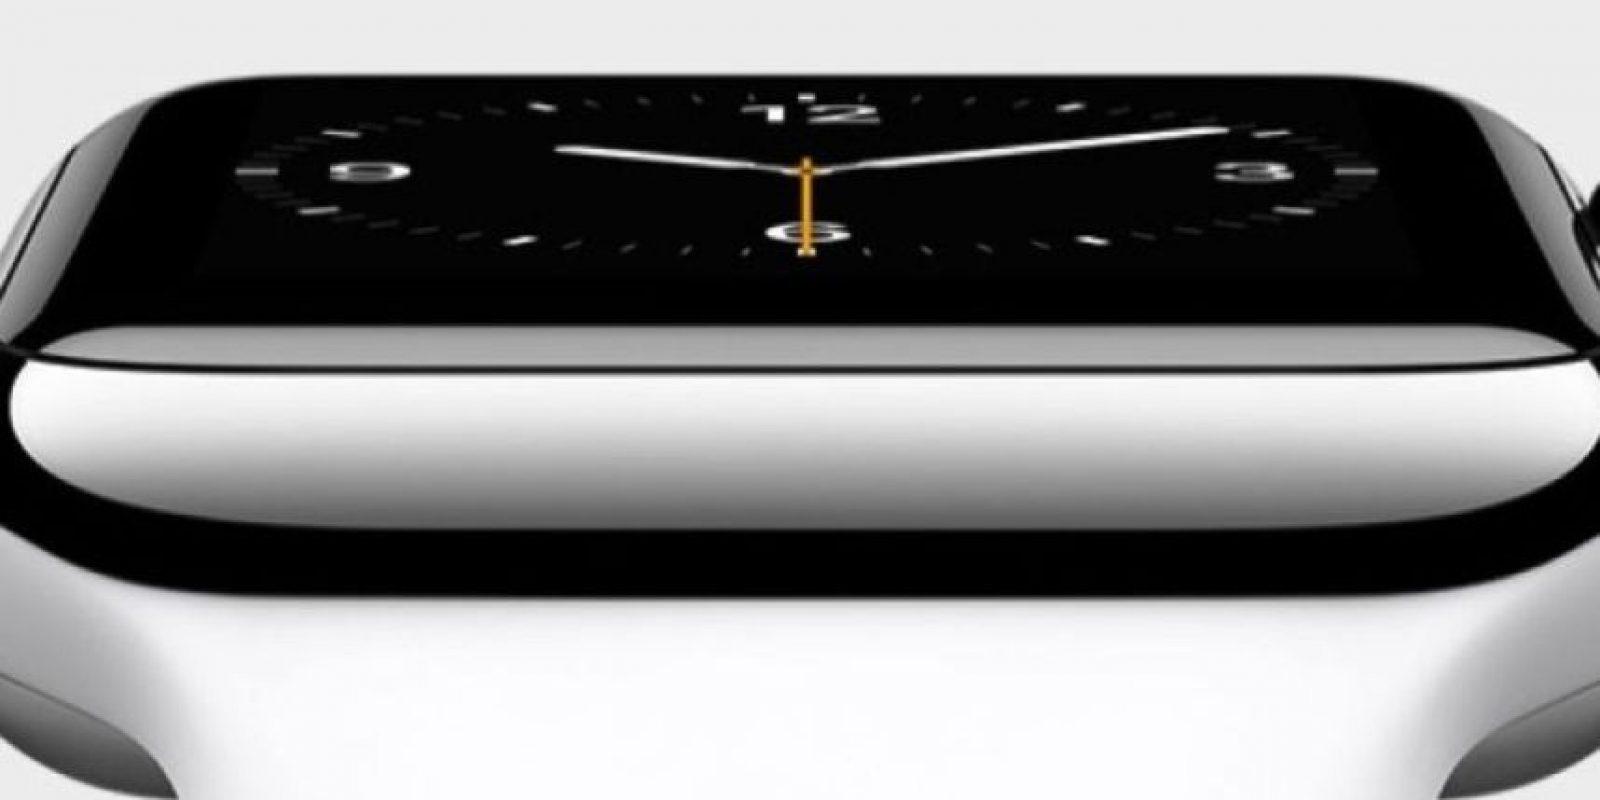 El principal inconveniente se encuentra en la lectura del sensor LED al contacto con el cuerpo. Foto:Apple